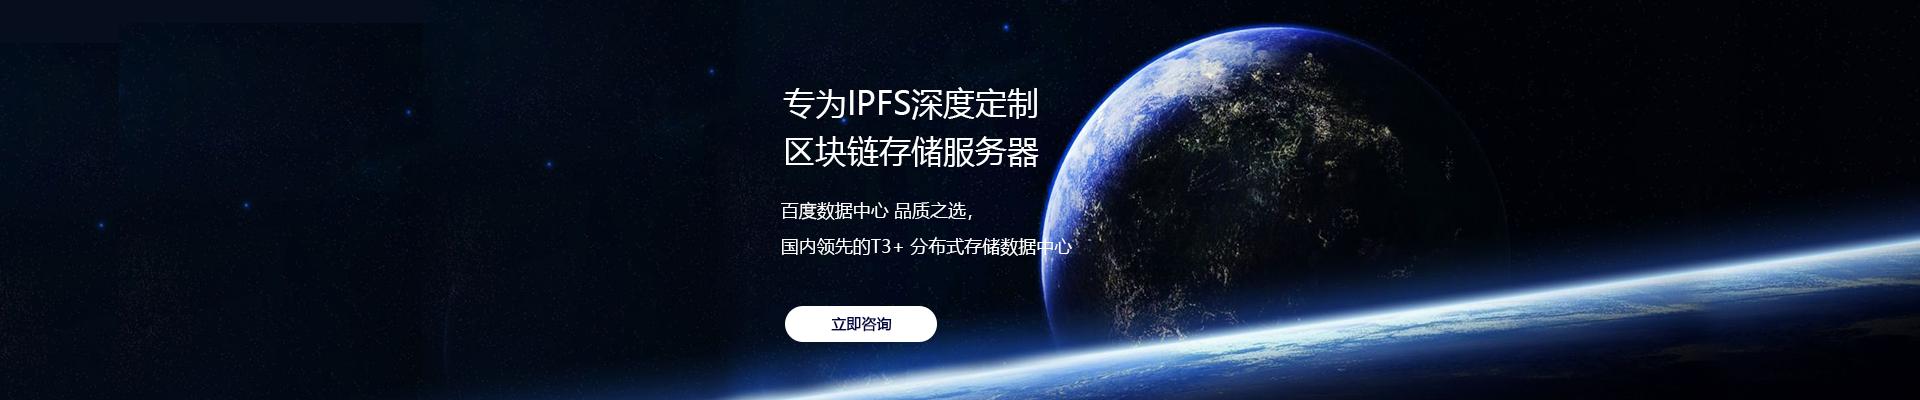 IPFS分布式存储